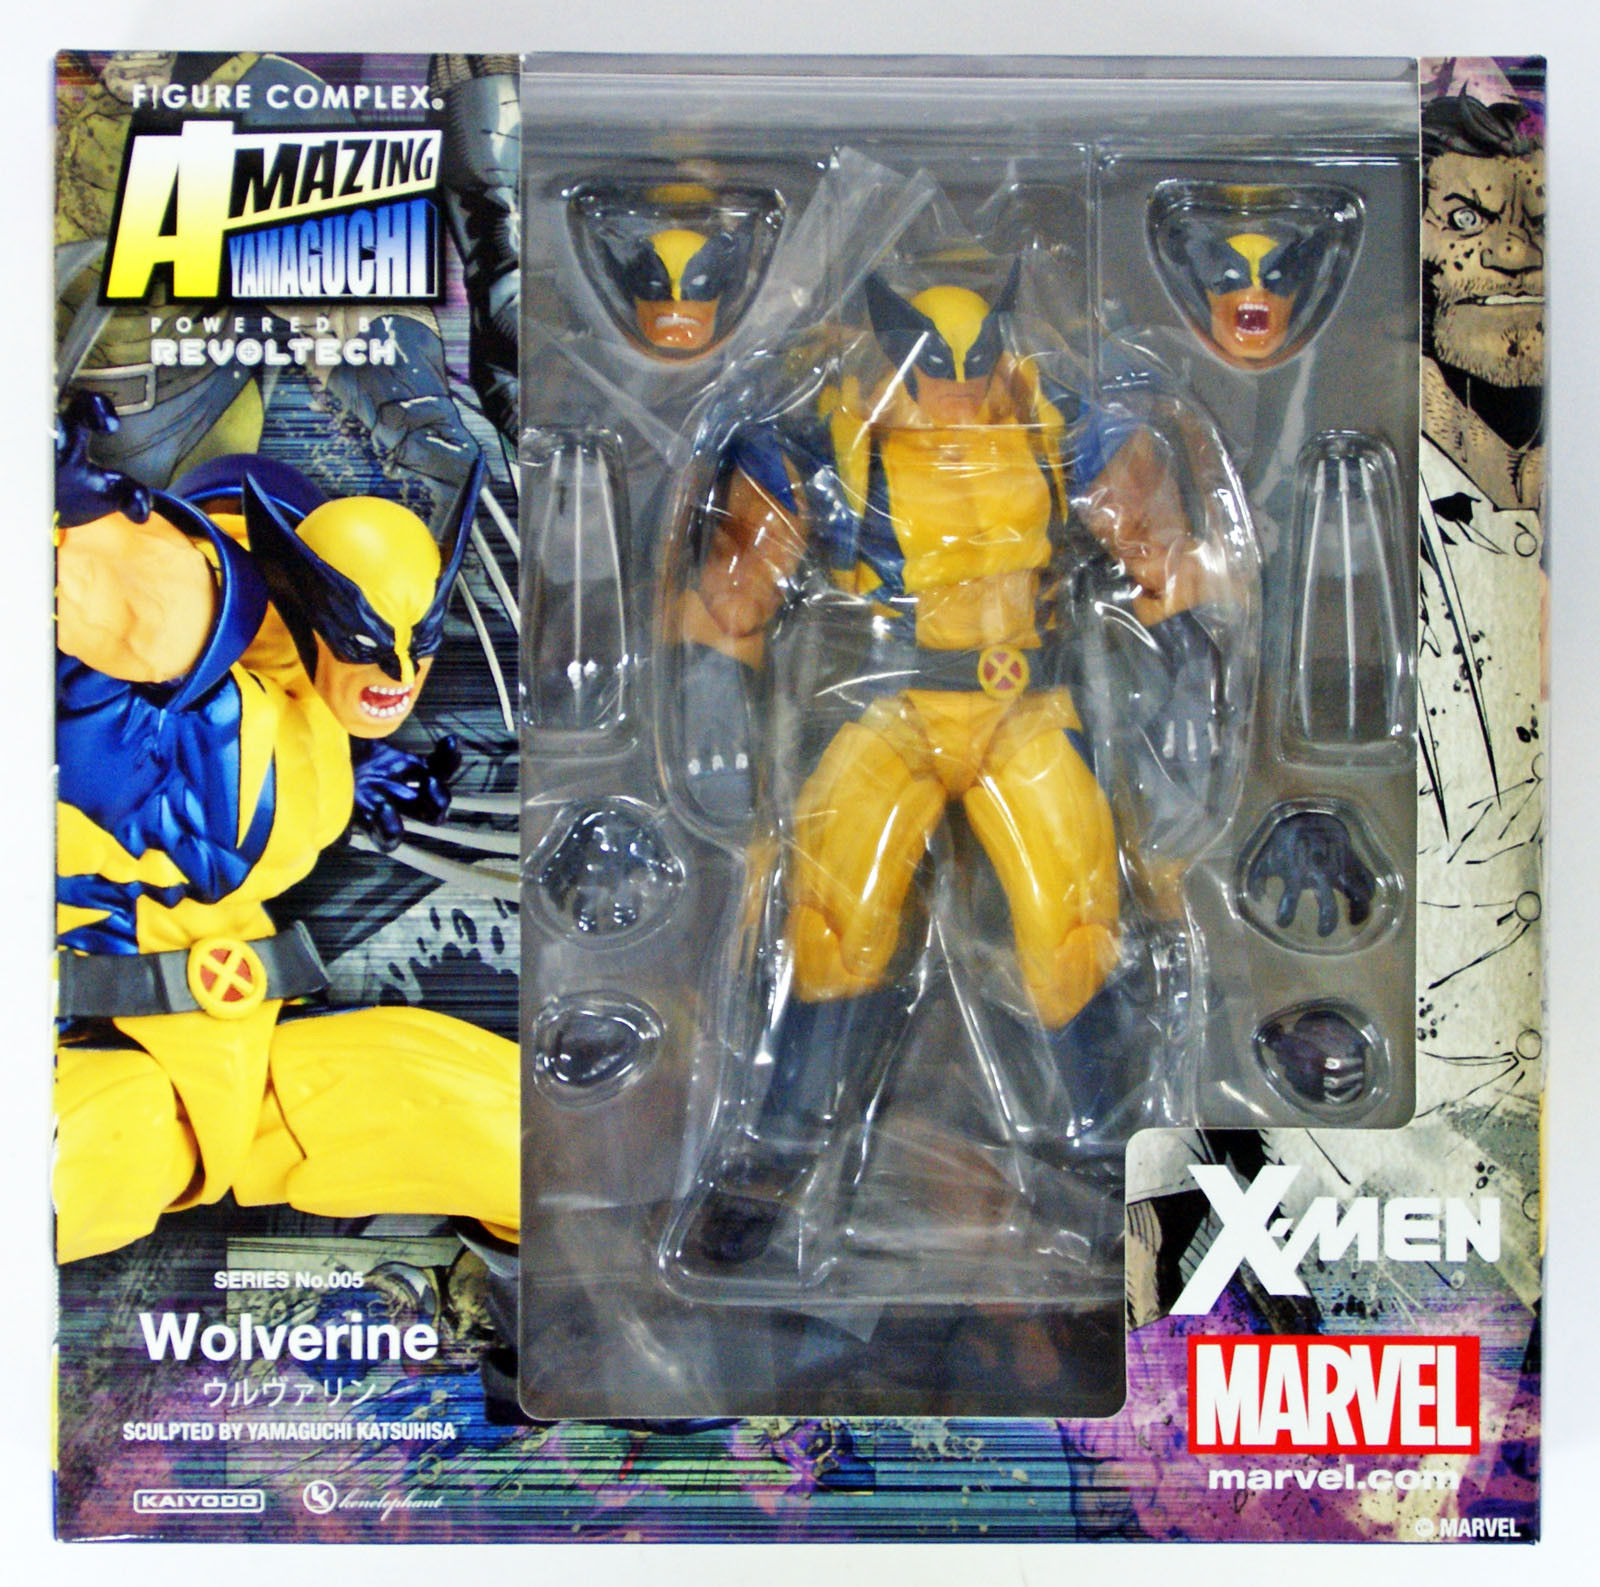 Kaiyodo Revoltech Amazing YaMaguchi No. 005 X-Men Wolverine Action Figure by Kaiyodo